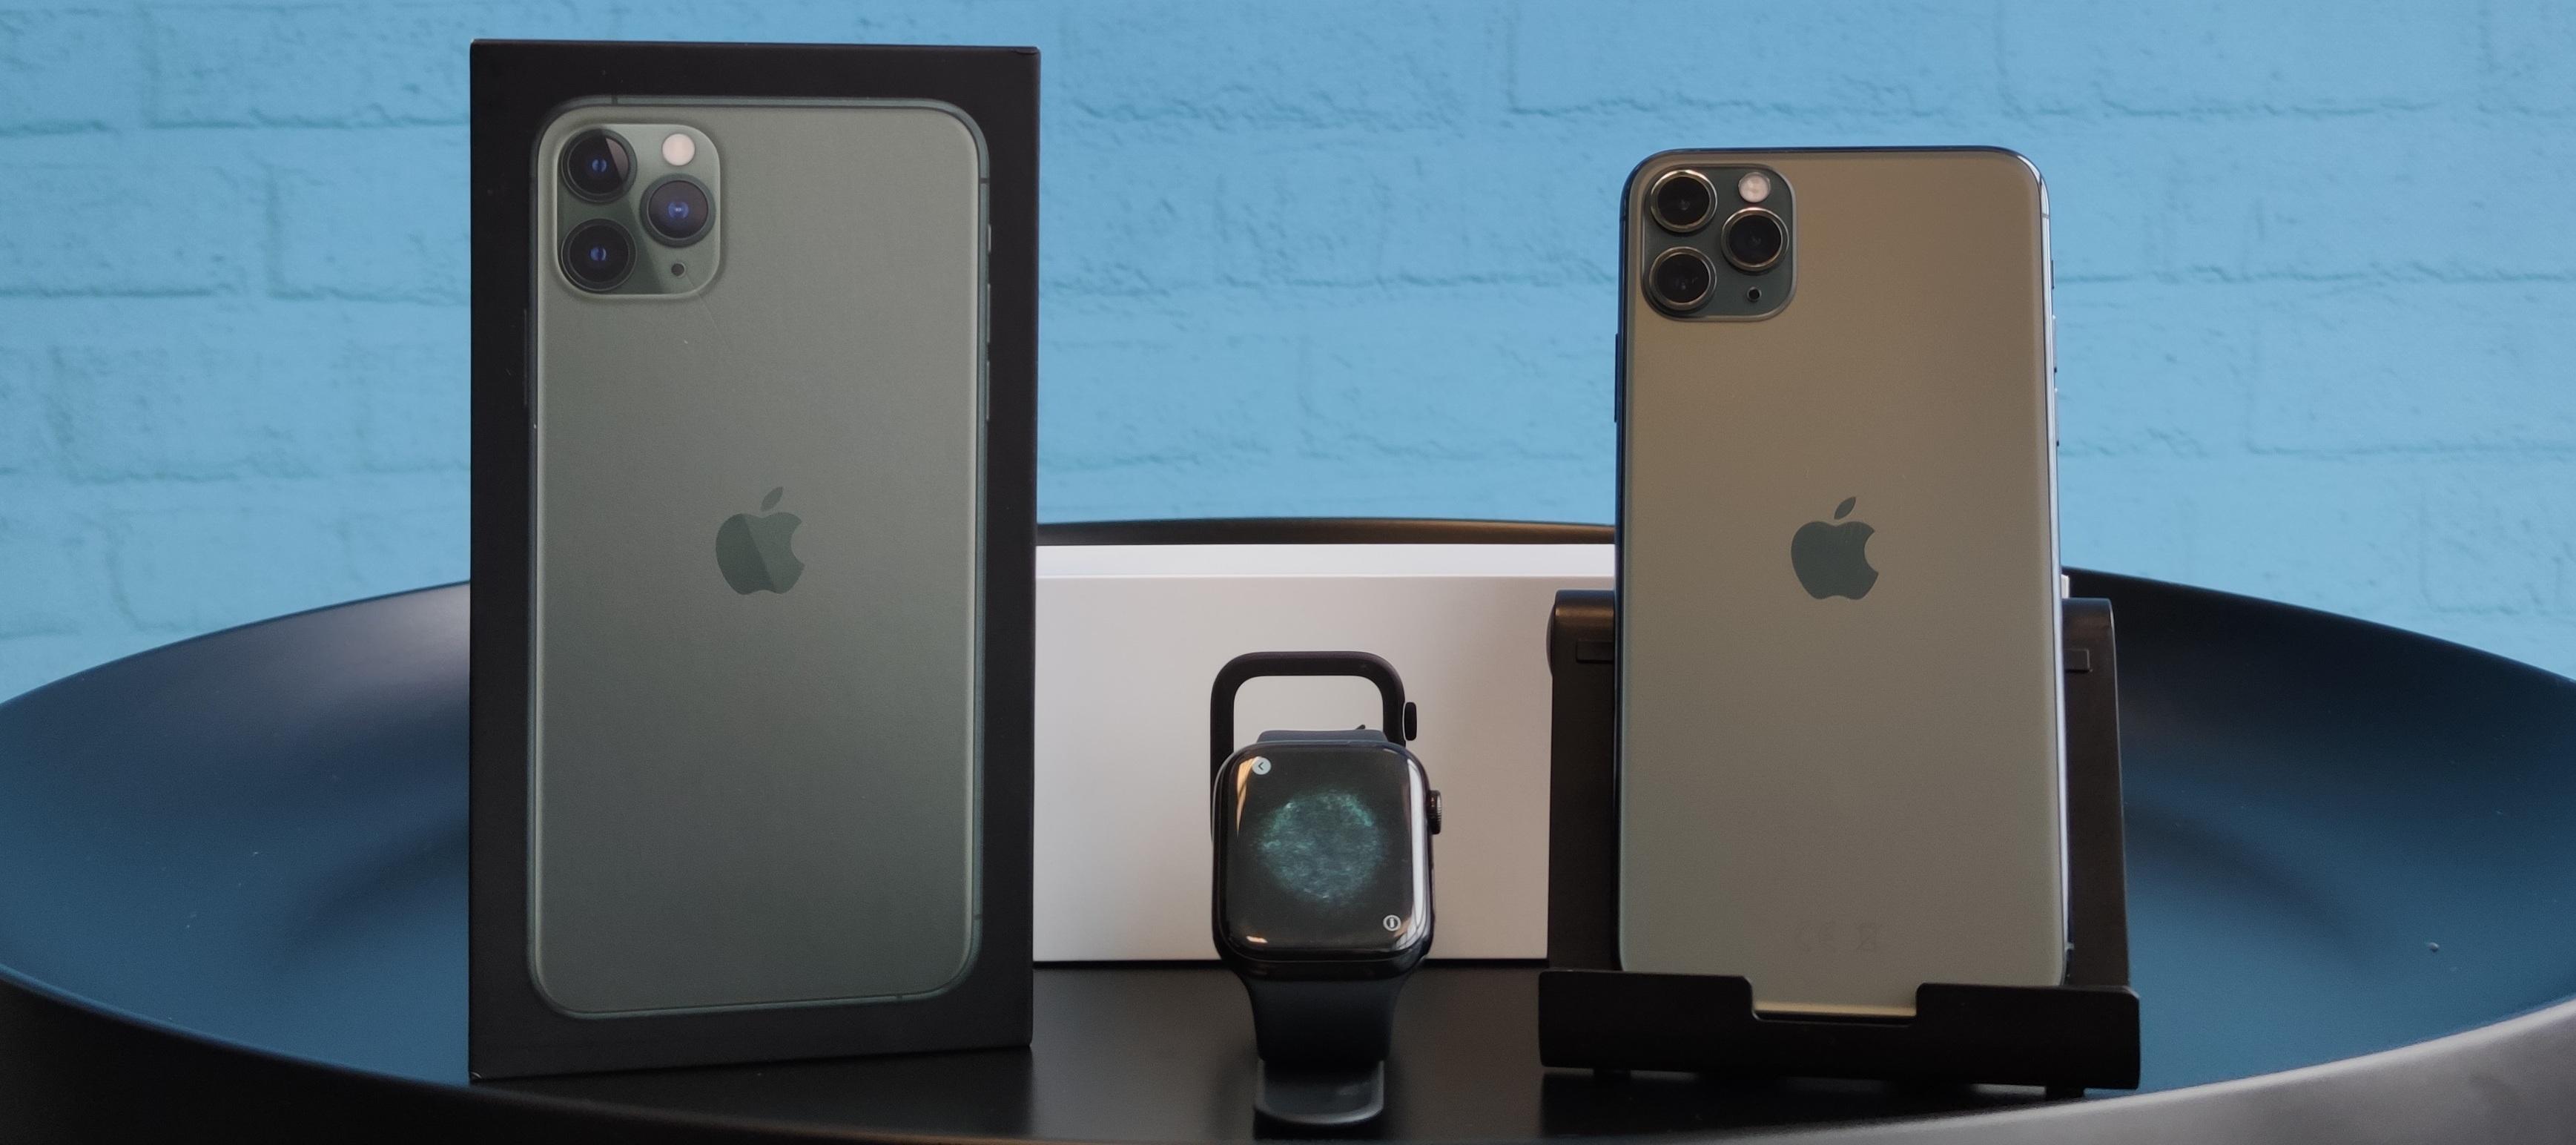 Es wird wieder gebundelt. Bewirb dich jetzt und werde Produkttester*in des iPhone 11 Pro Max & der Apple Watch S4!